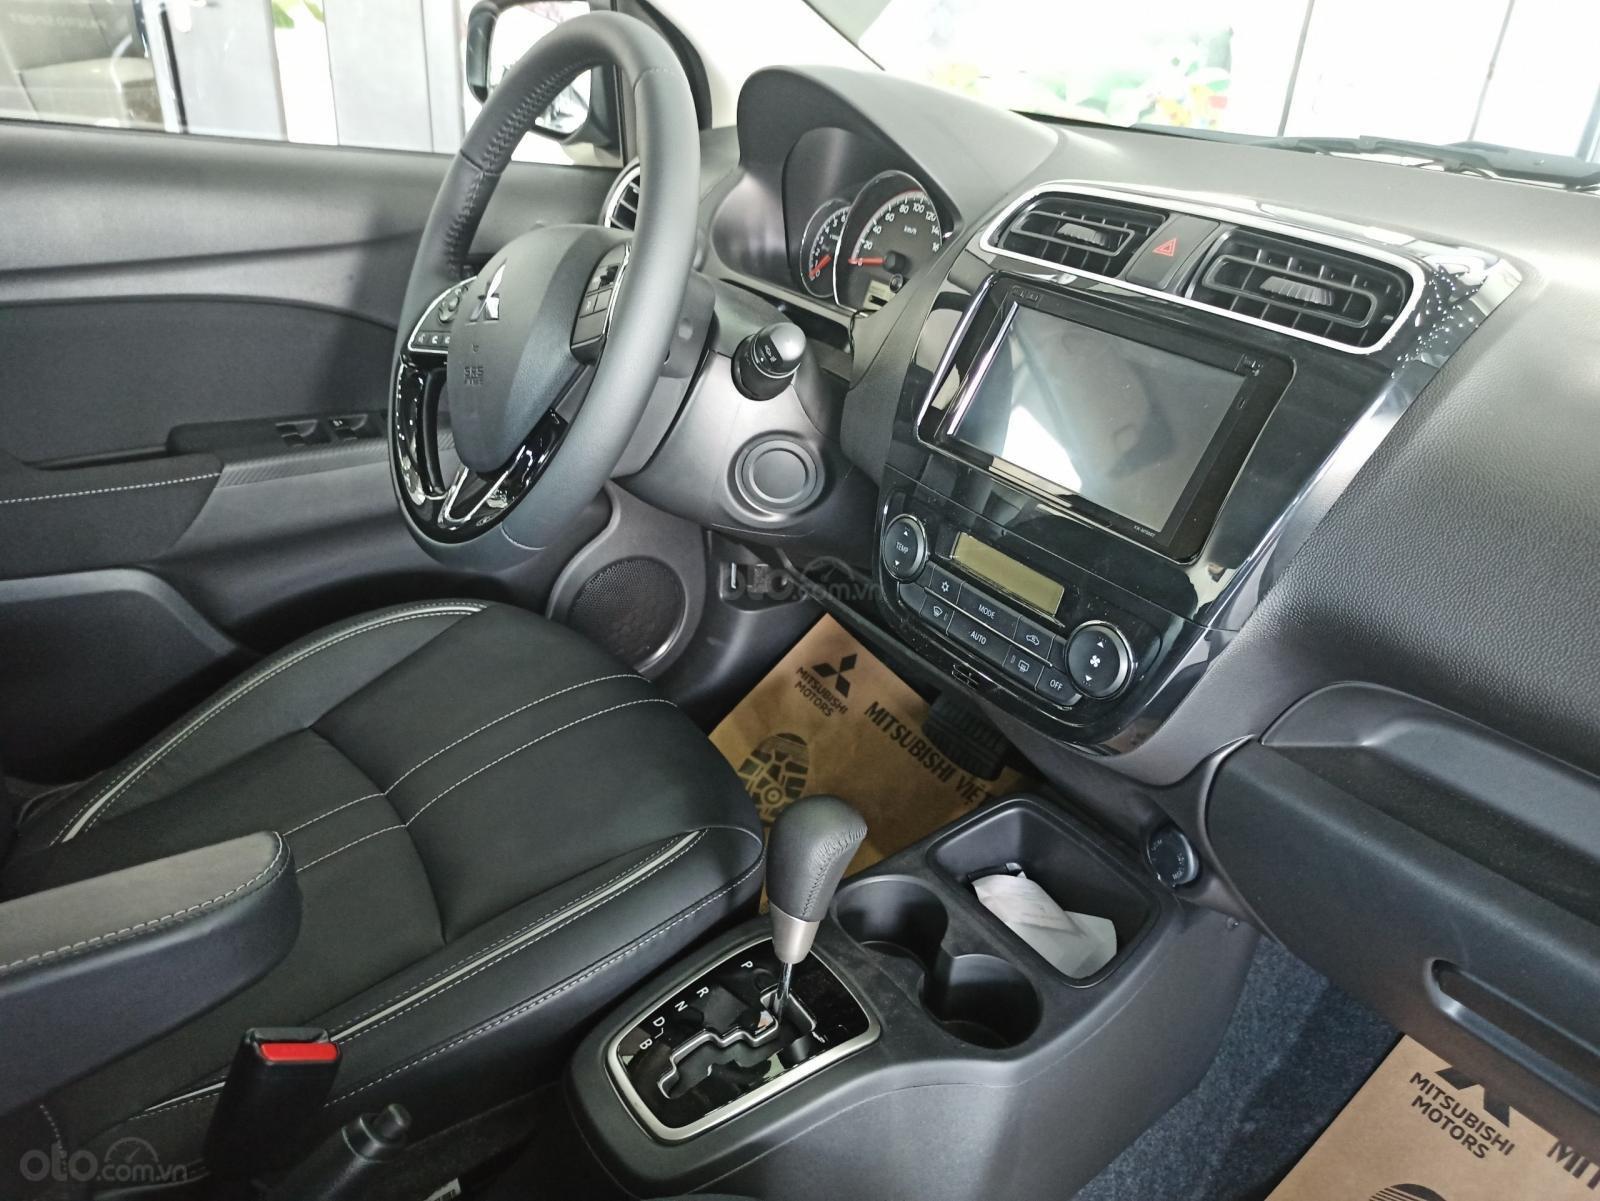 [Hot] Attrage được Mitsubishi tặng 50% thuế trước bạ, chỉ với 100 triệu có xe đi ngay (11)